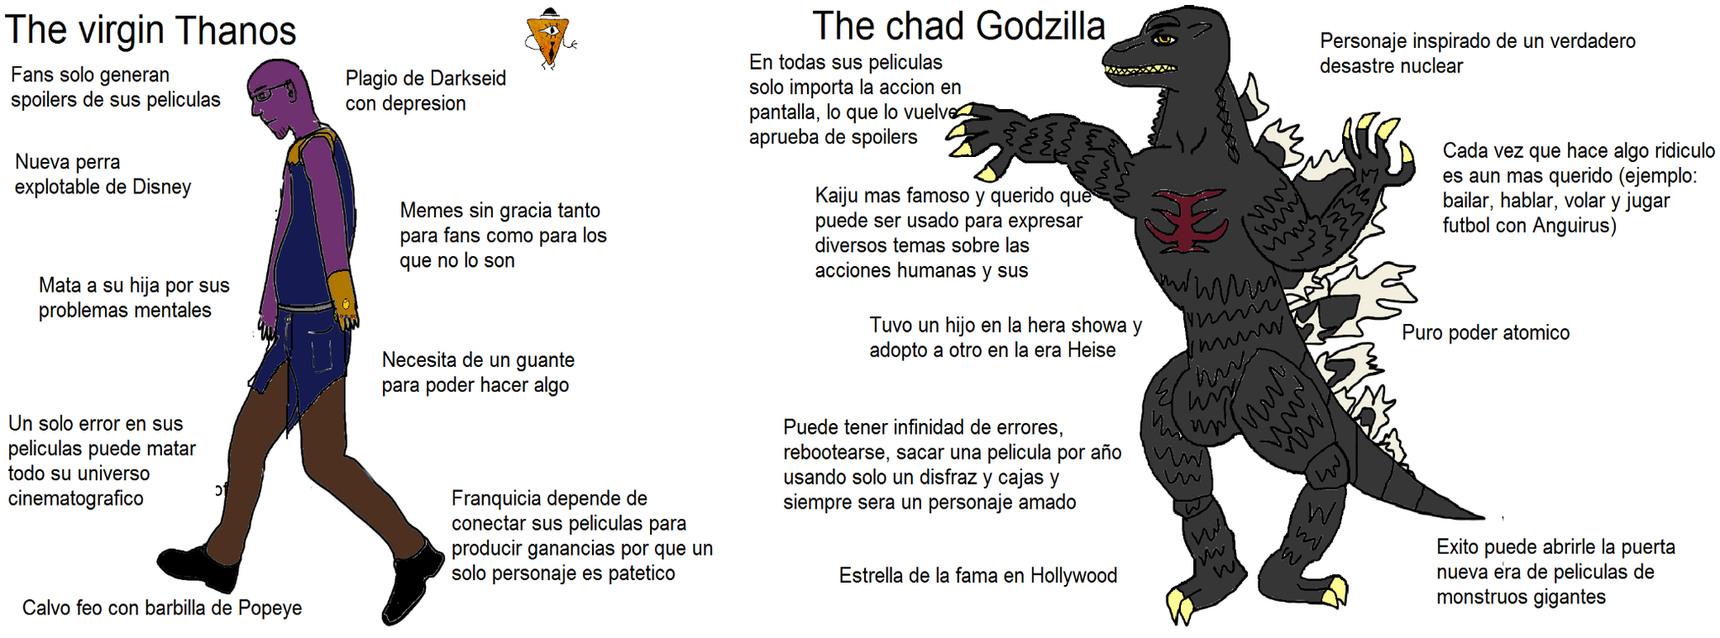 Godzilla lo hace desde los 60's - meme